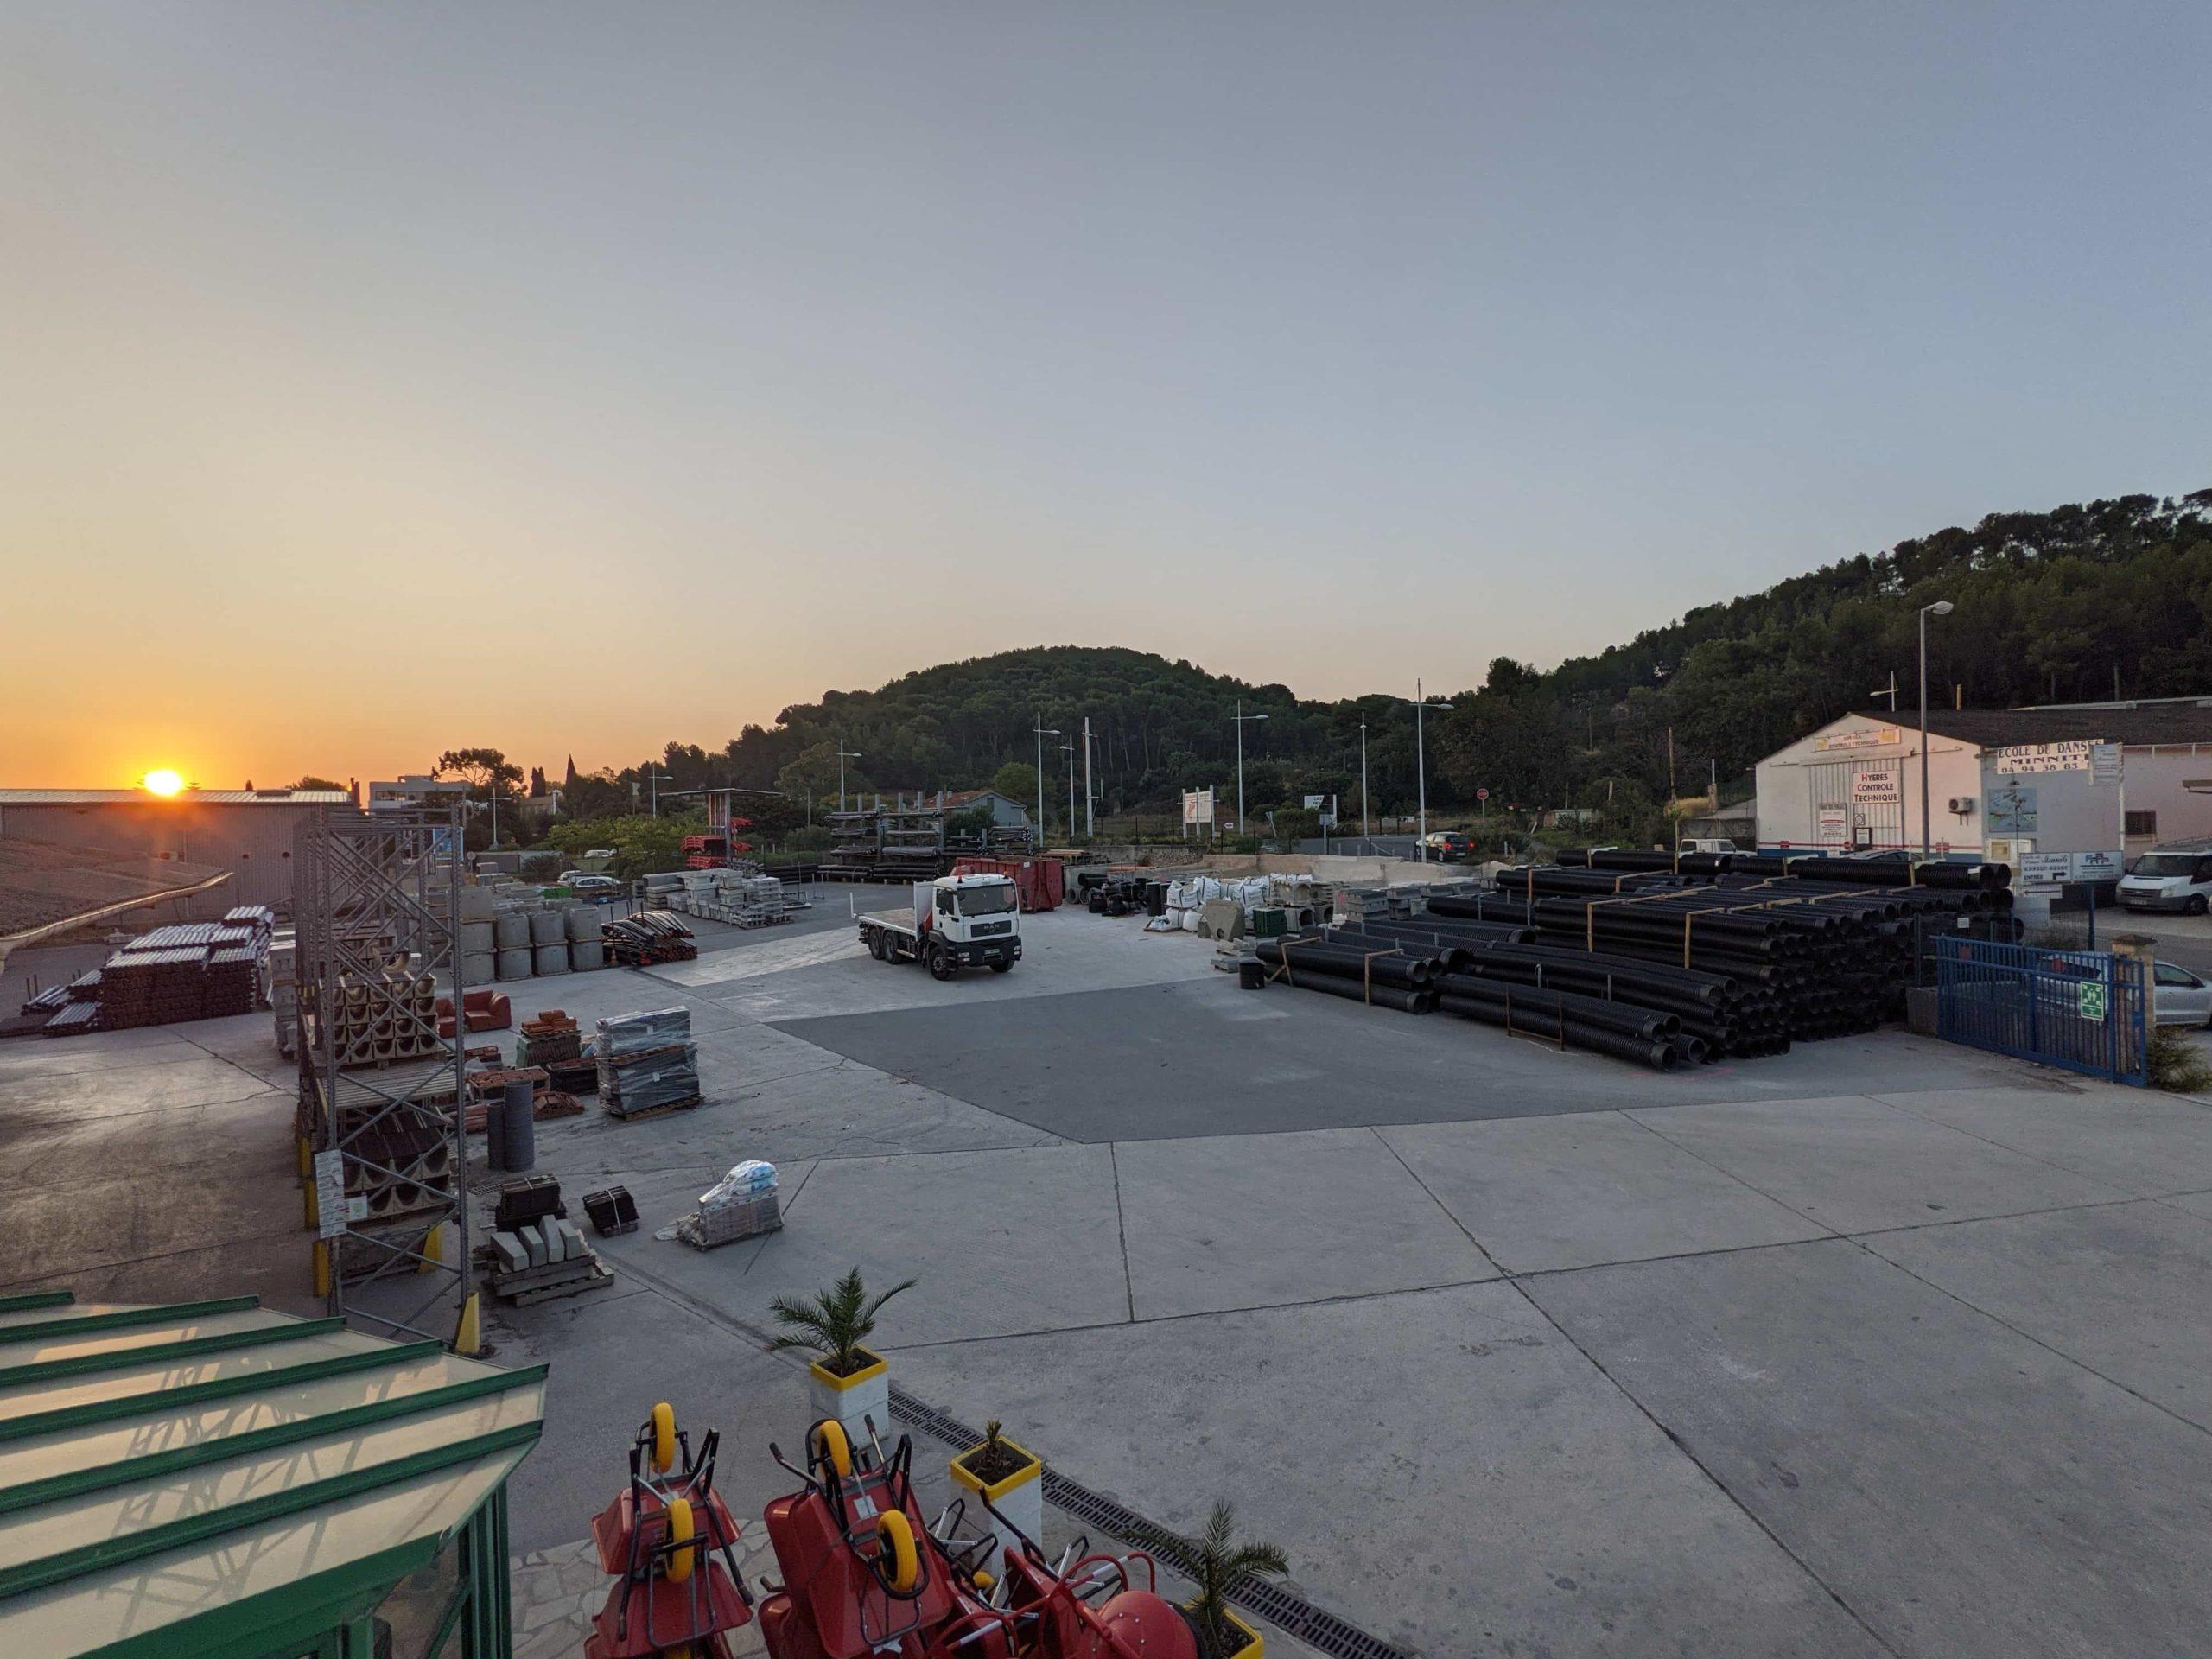 L'agence Matériaux SIMC de Hyères avec le levé du soleil